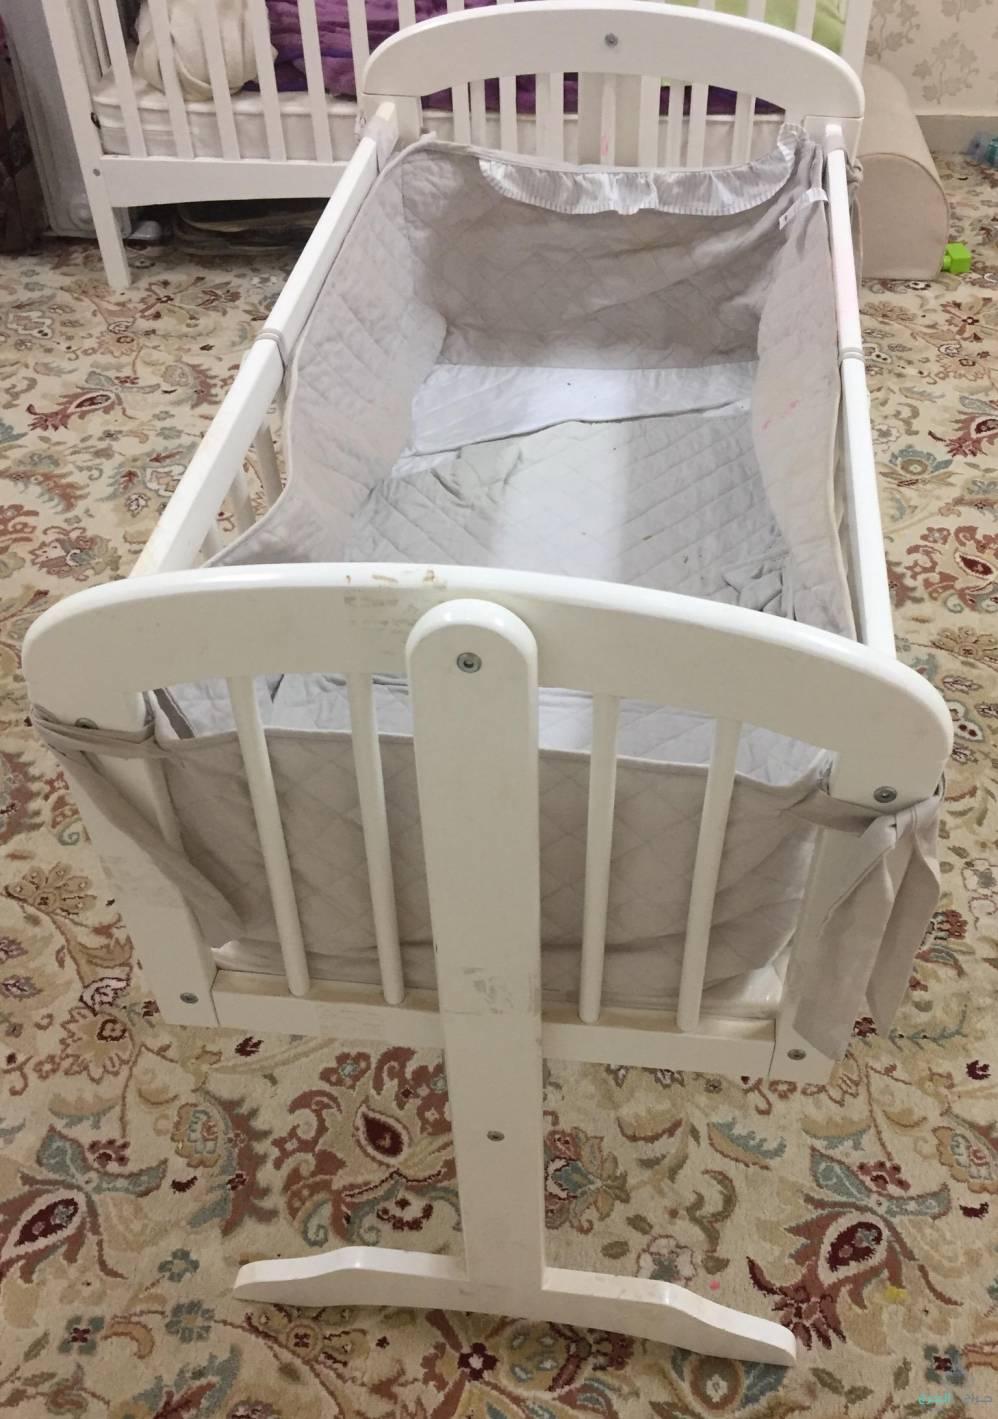 سرير اطفال للبيع من عمر 0 الى سنه